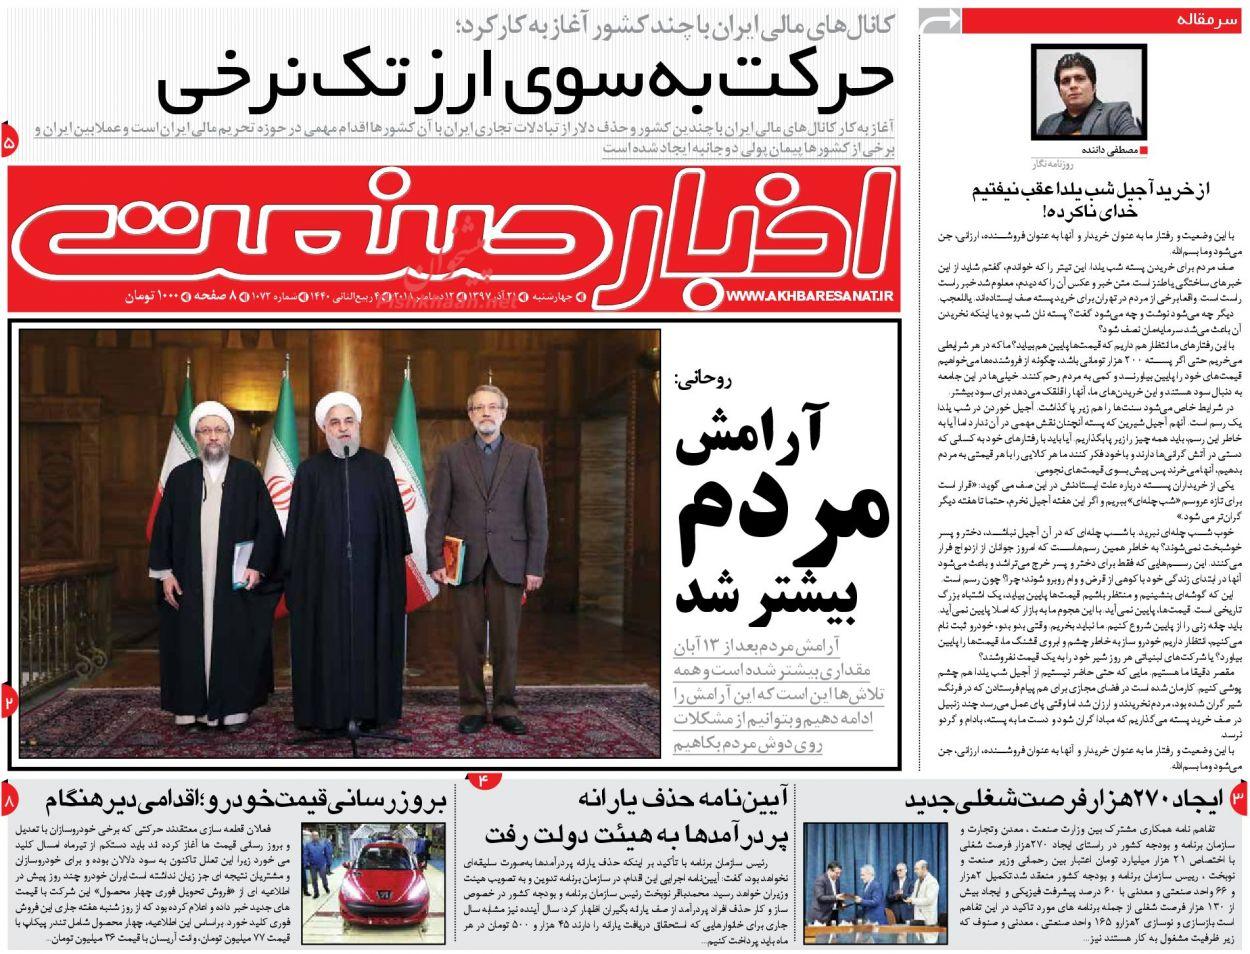 صفحه نخست روزنامههای اقتصادی ۲۱ آذر ماه